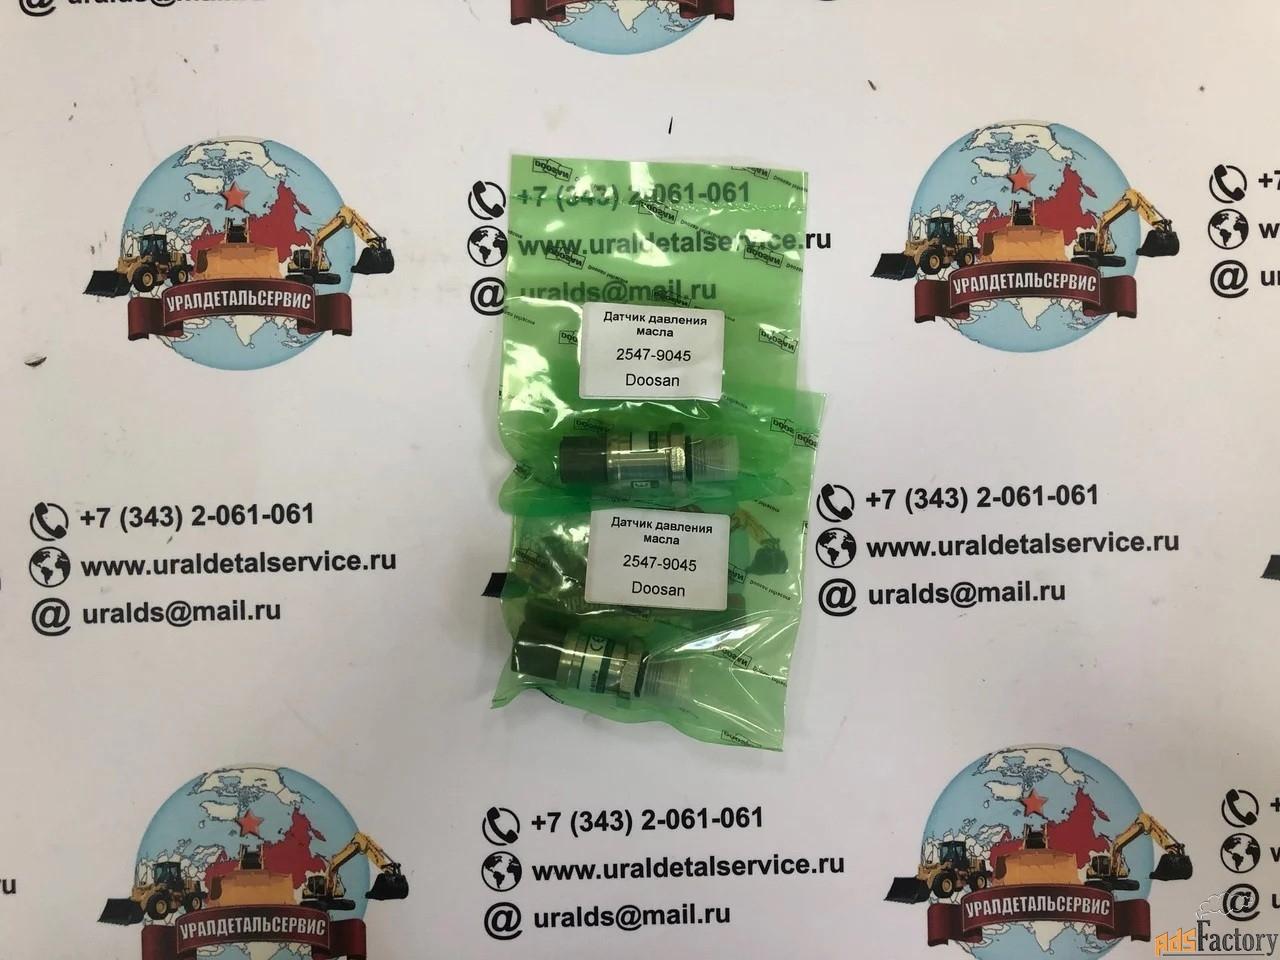 датчик давления масла doosan 2547-9045